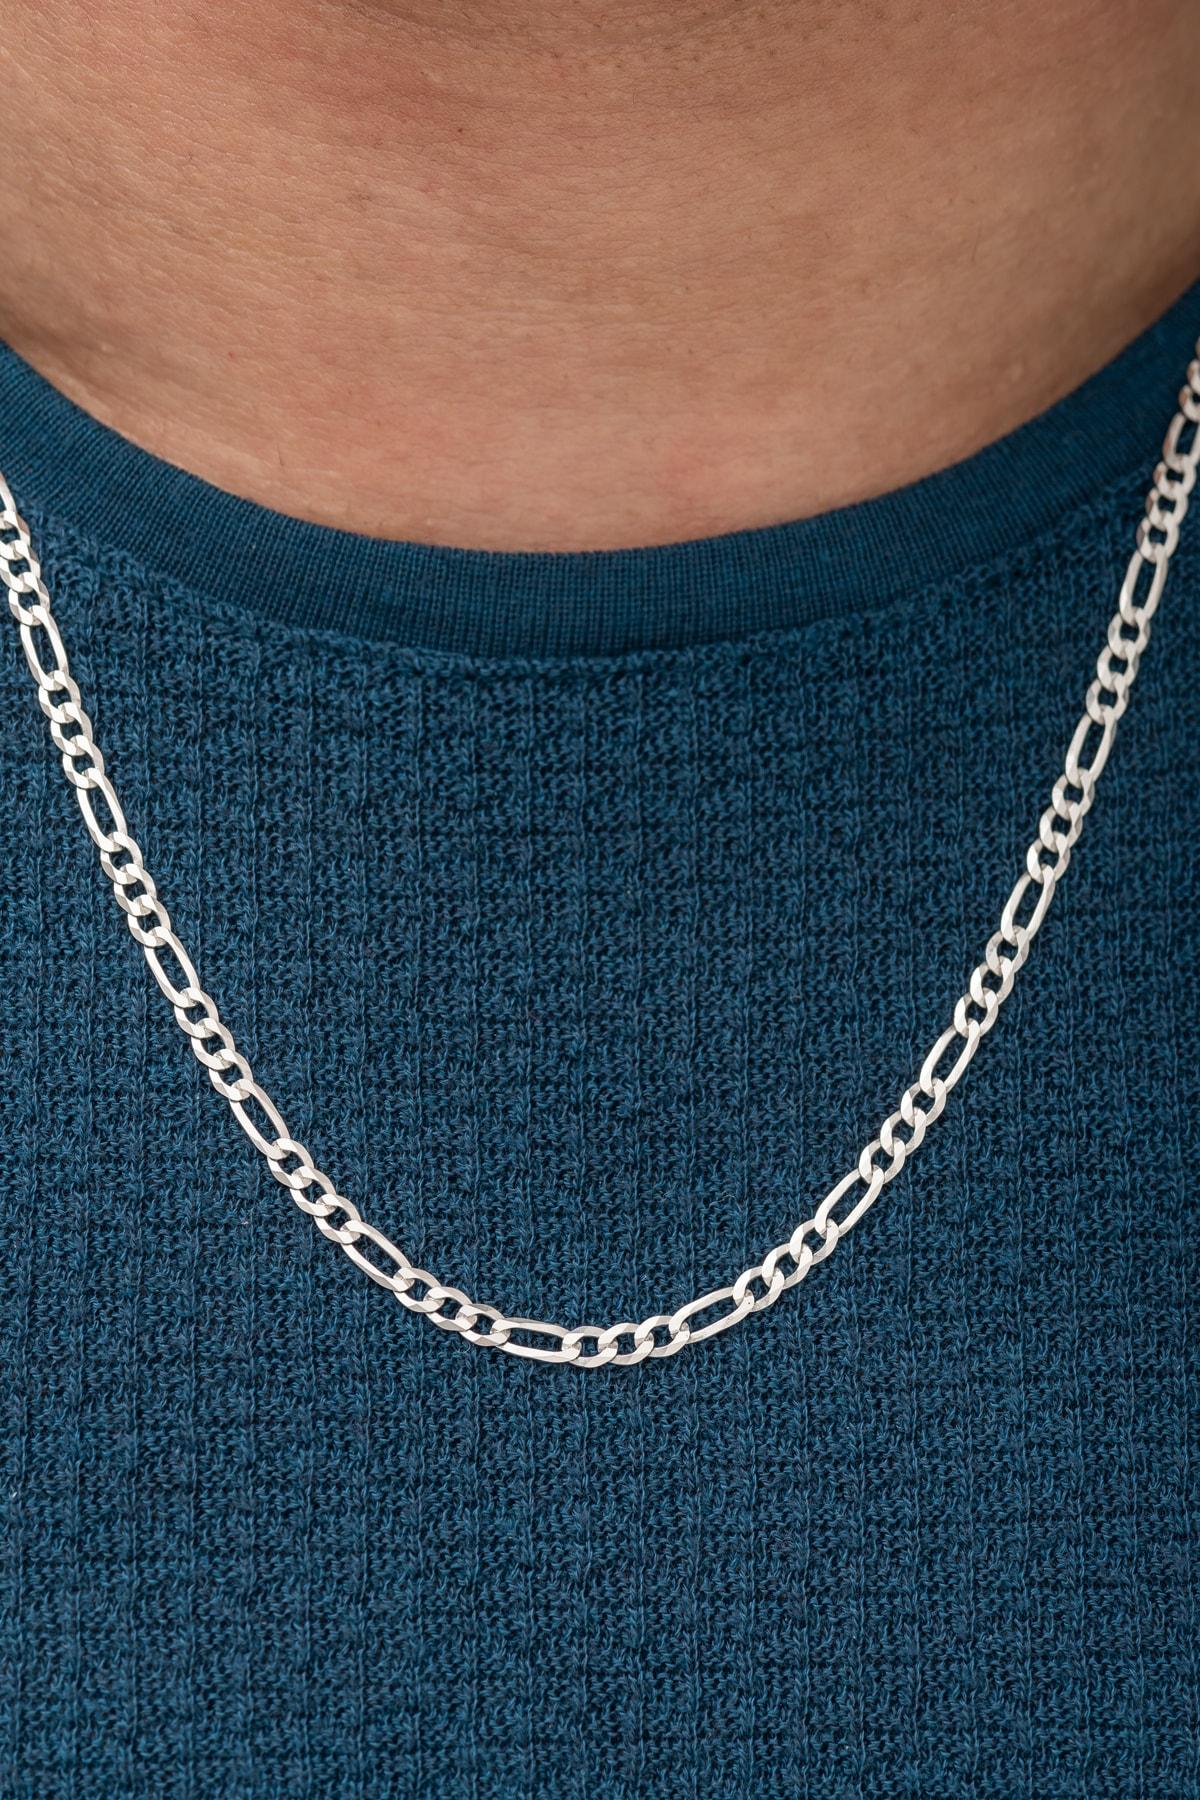 Erkek Figaro 925 Ayar Gümüş Zincir 55 cm Dbse2012